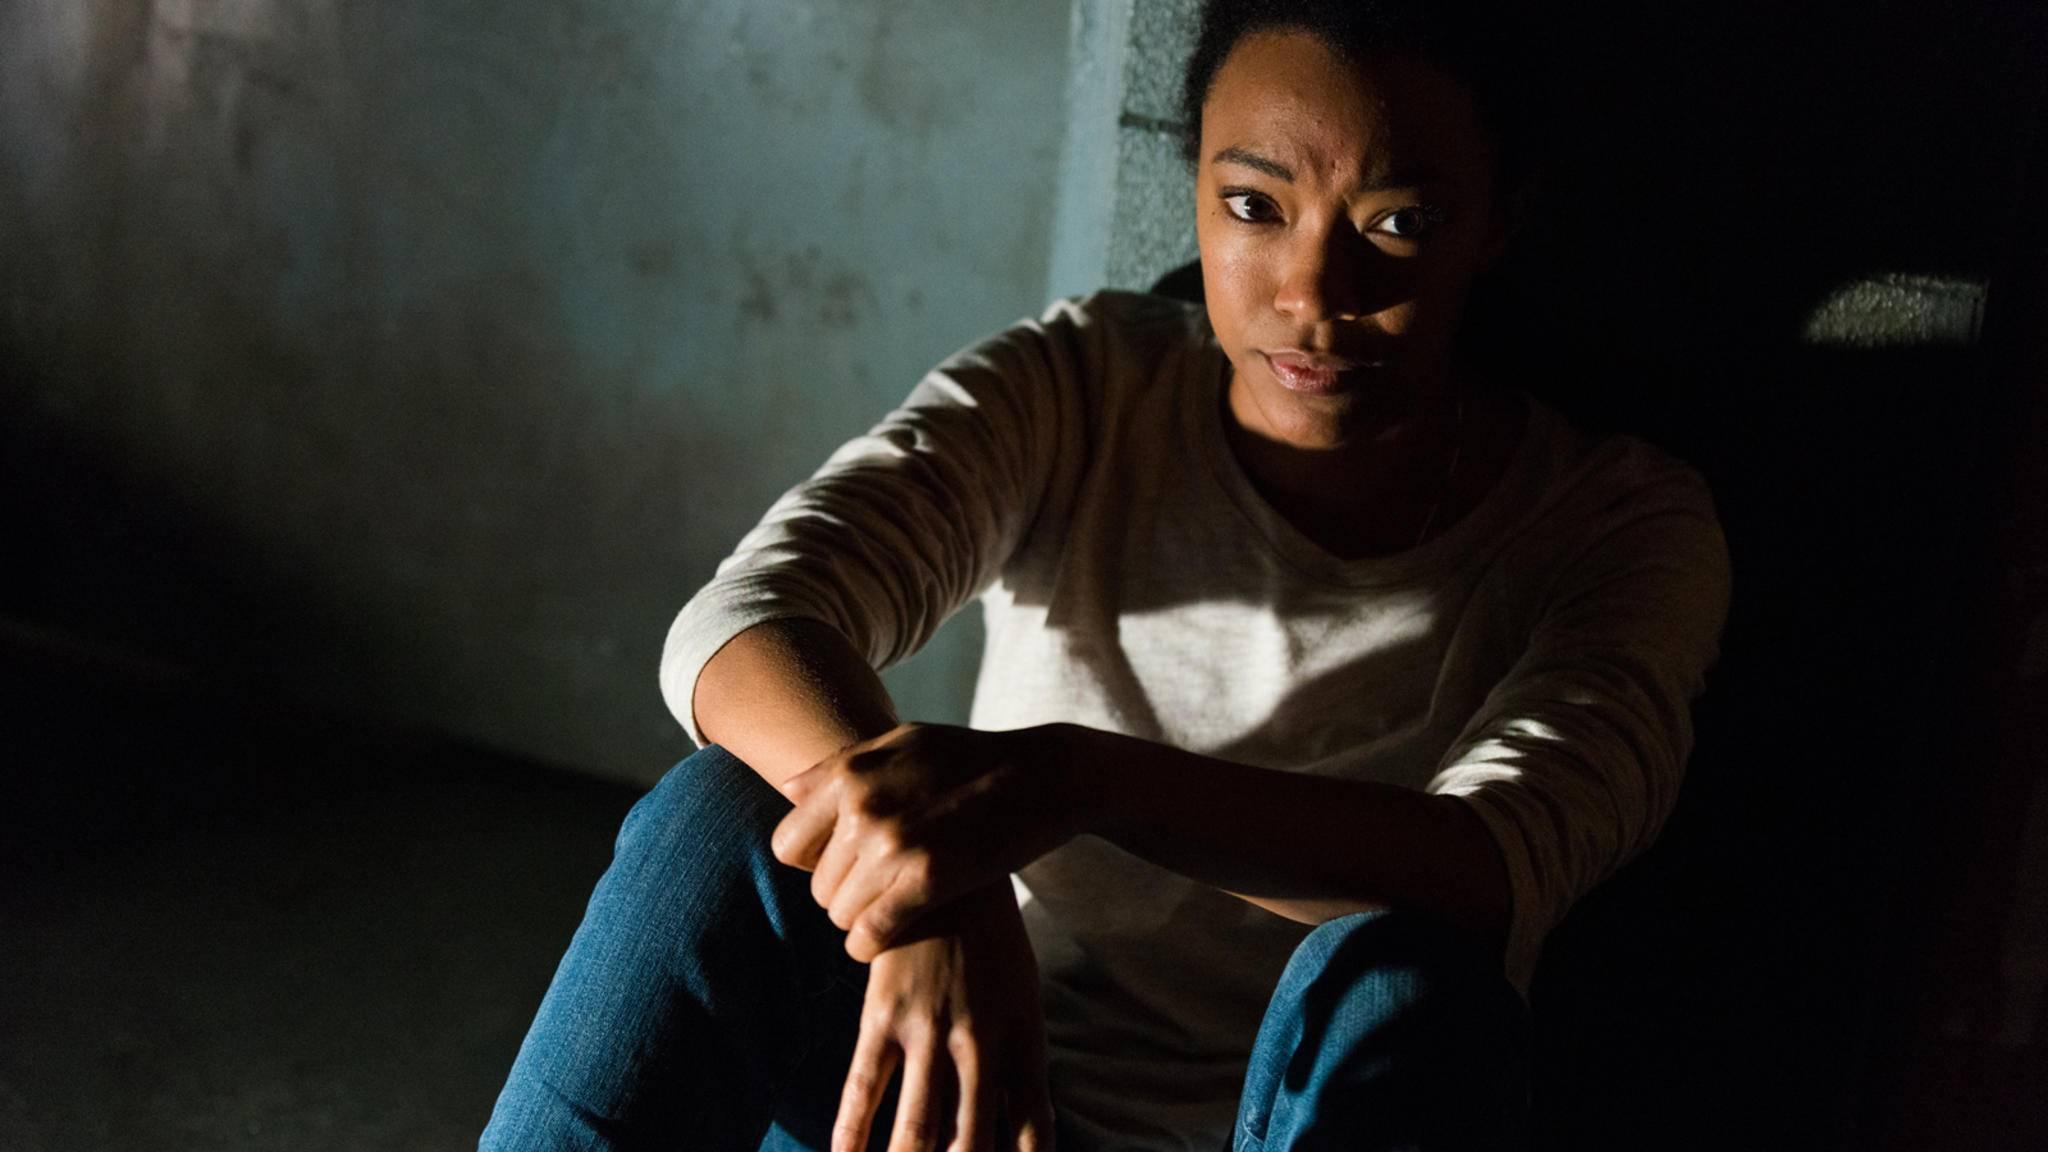 """Ob Sasha die kommende Episode von """"The Walking Dead"""" wohl überleben wird?"""